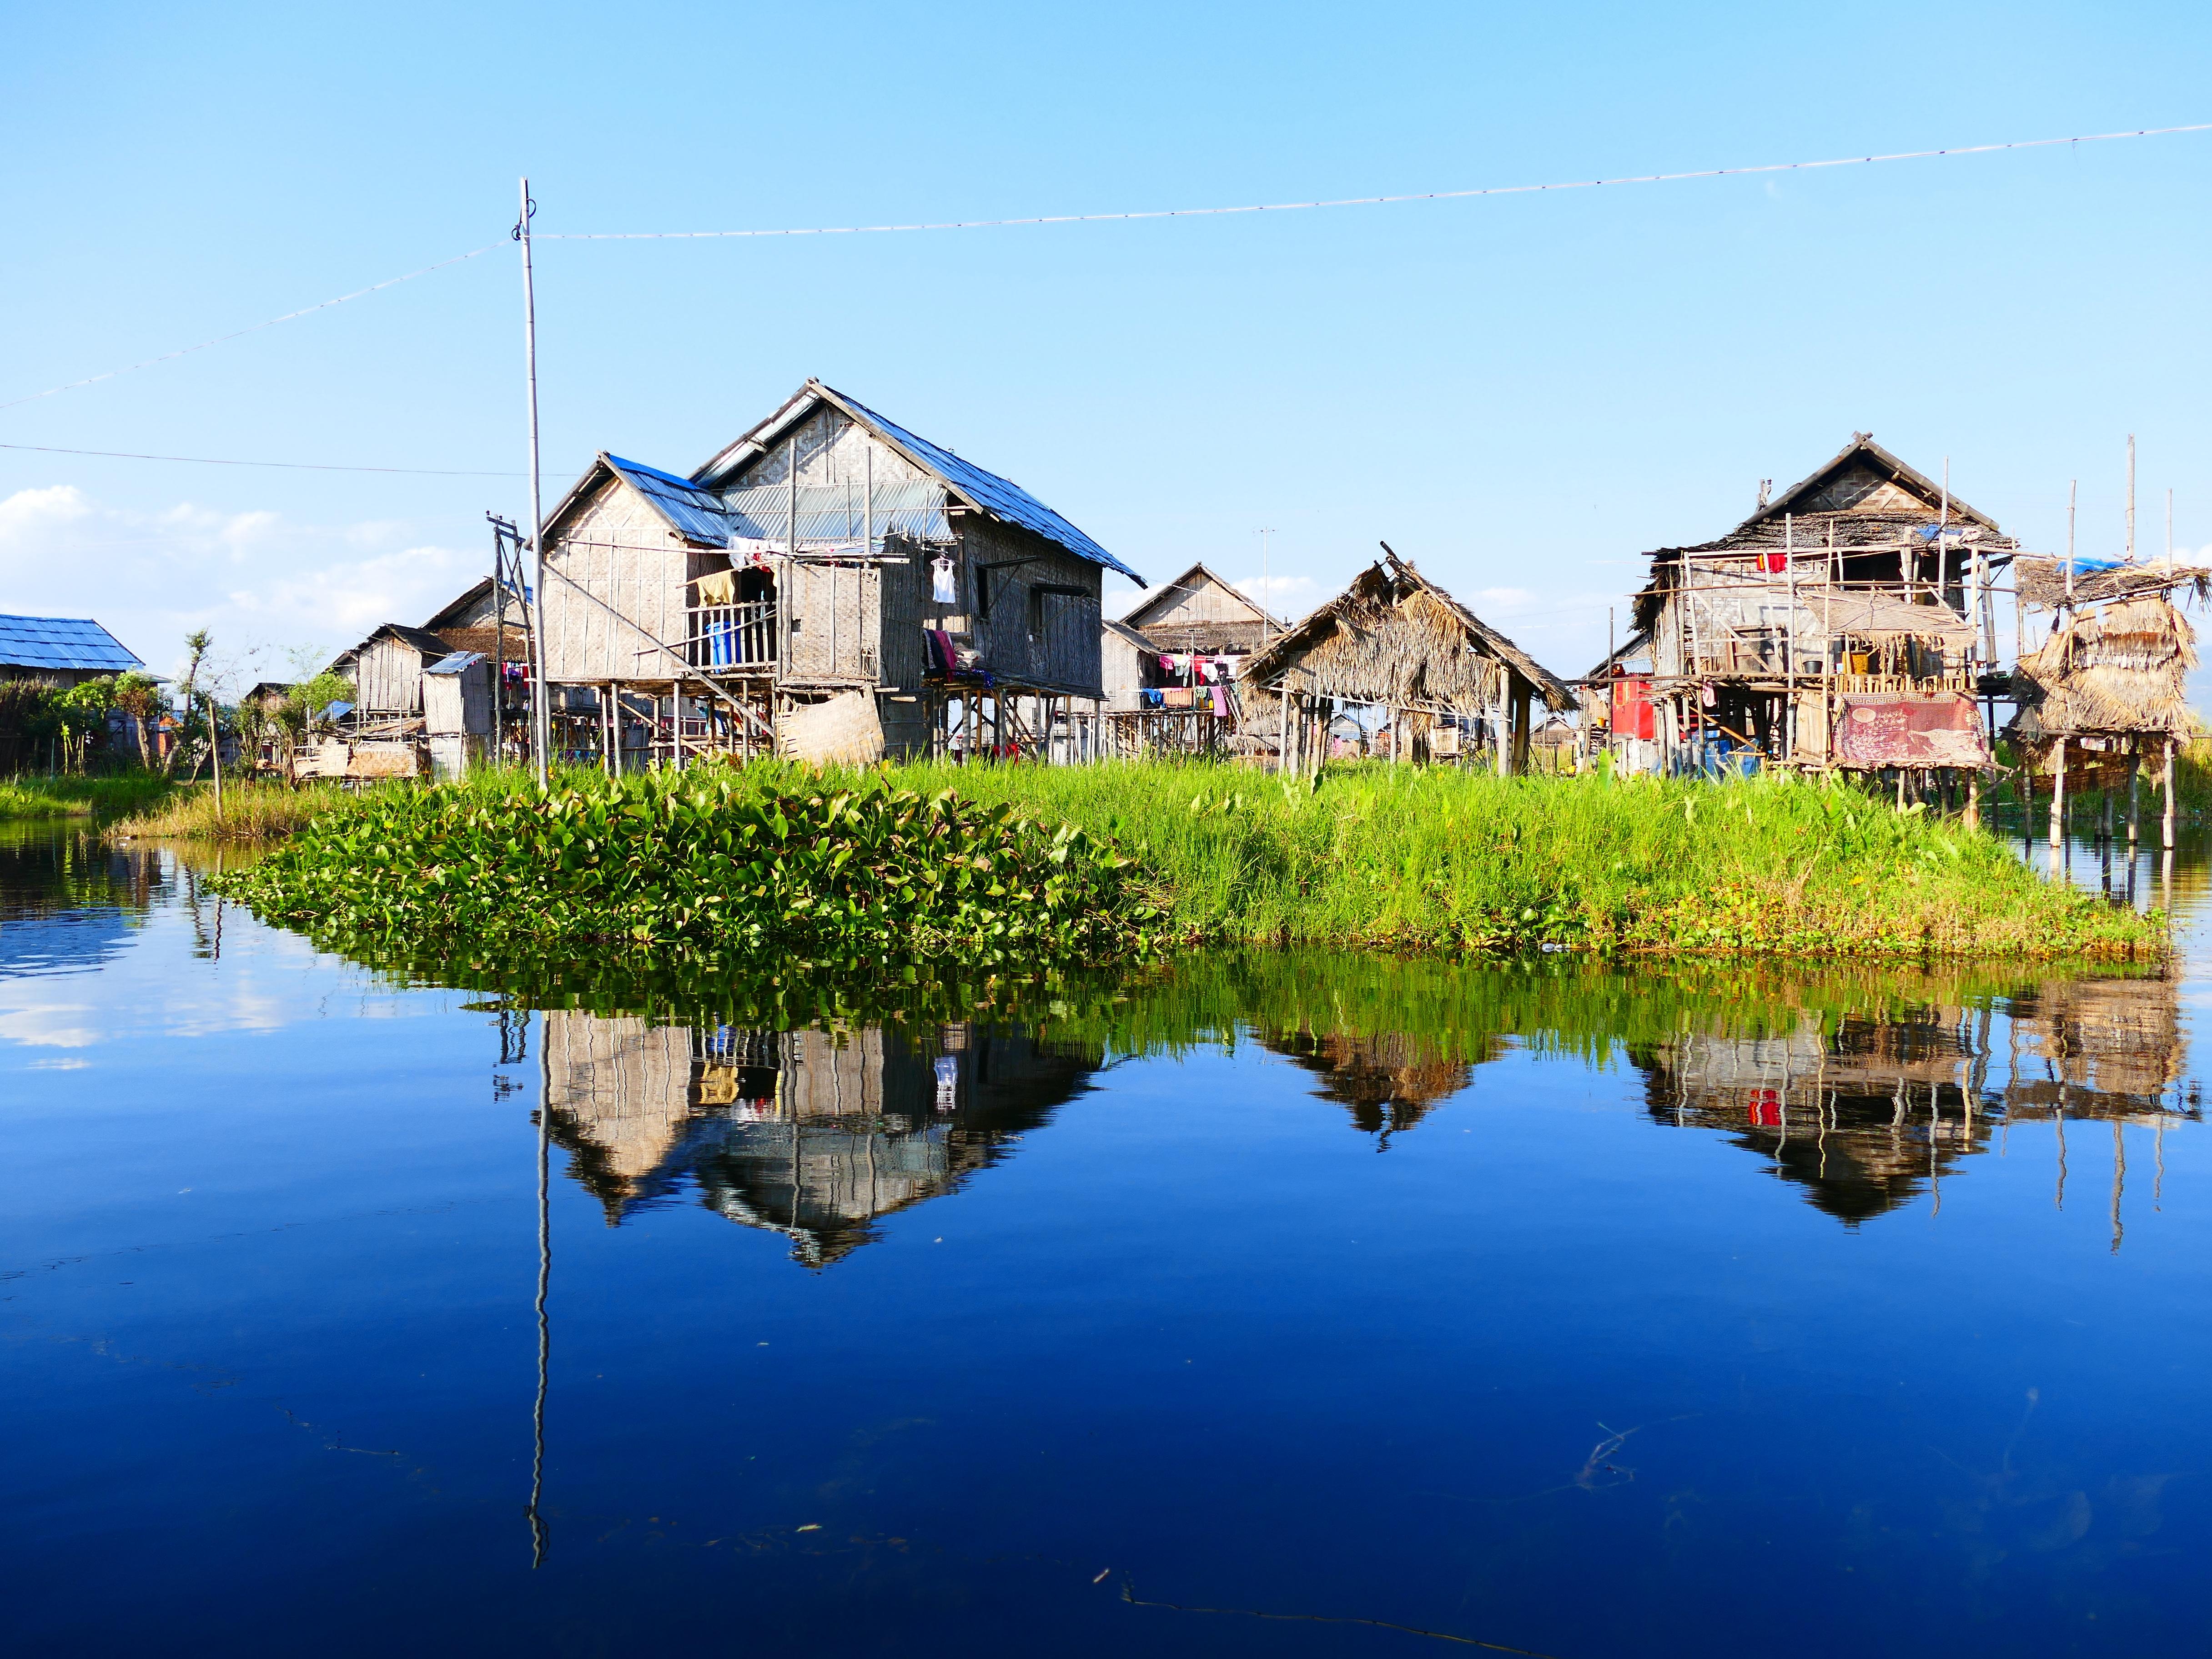 reflexin baha camino acutico tallo aguas reflejando myanmar birmania rea rural insee palafitas casa sobre pilotes casa sobre pilotes